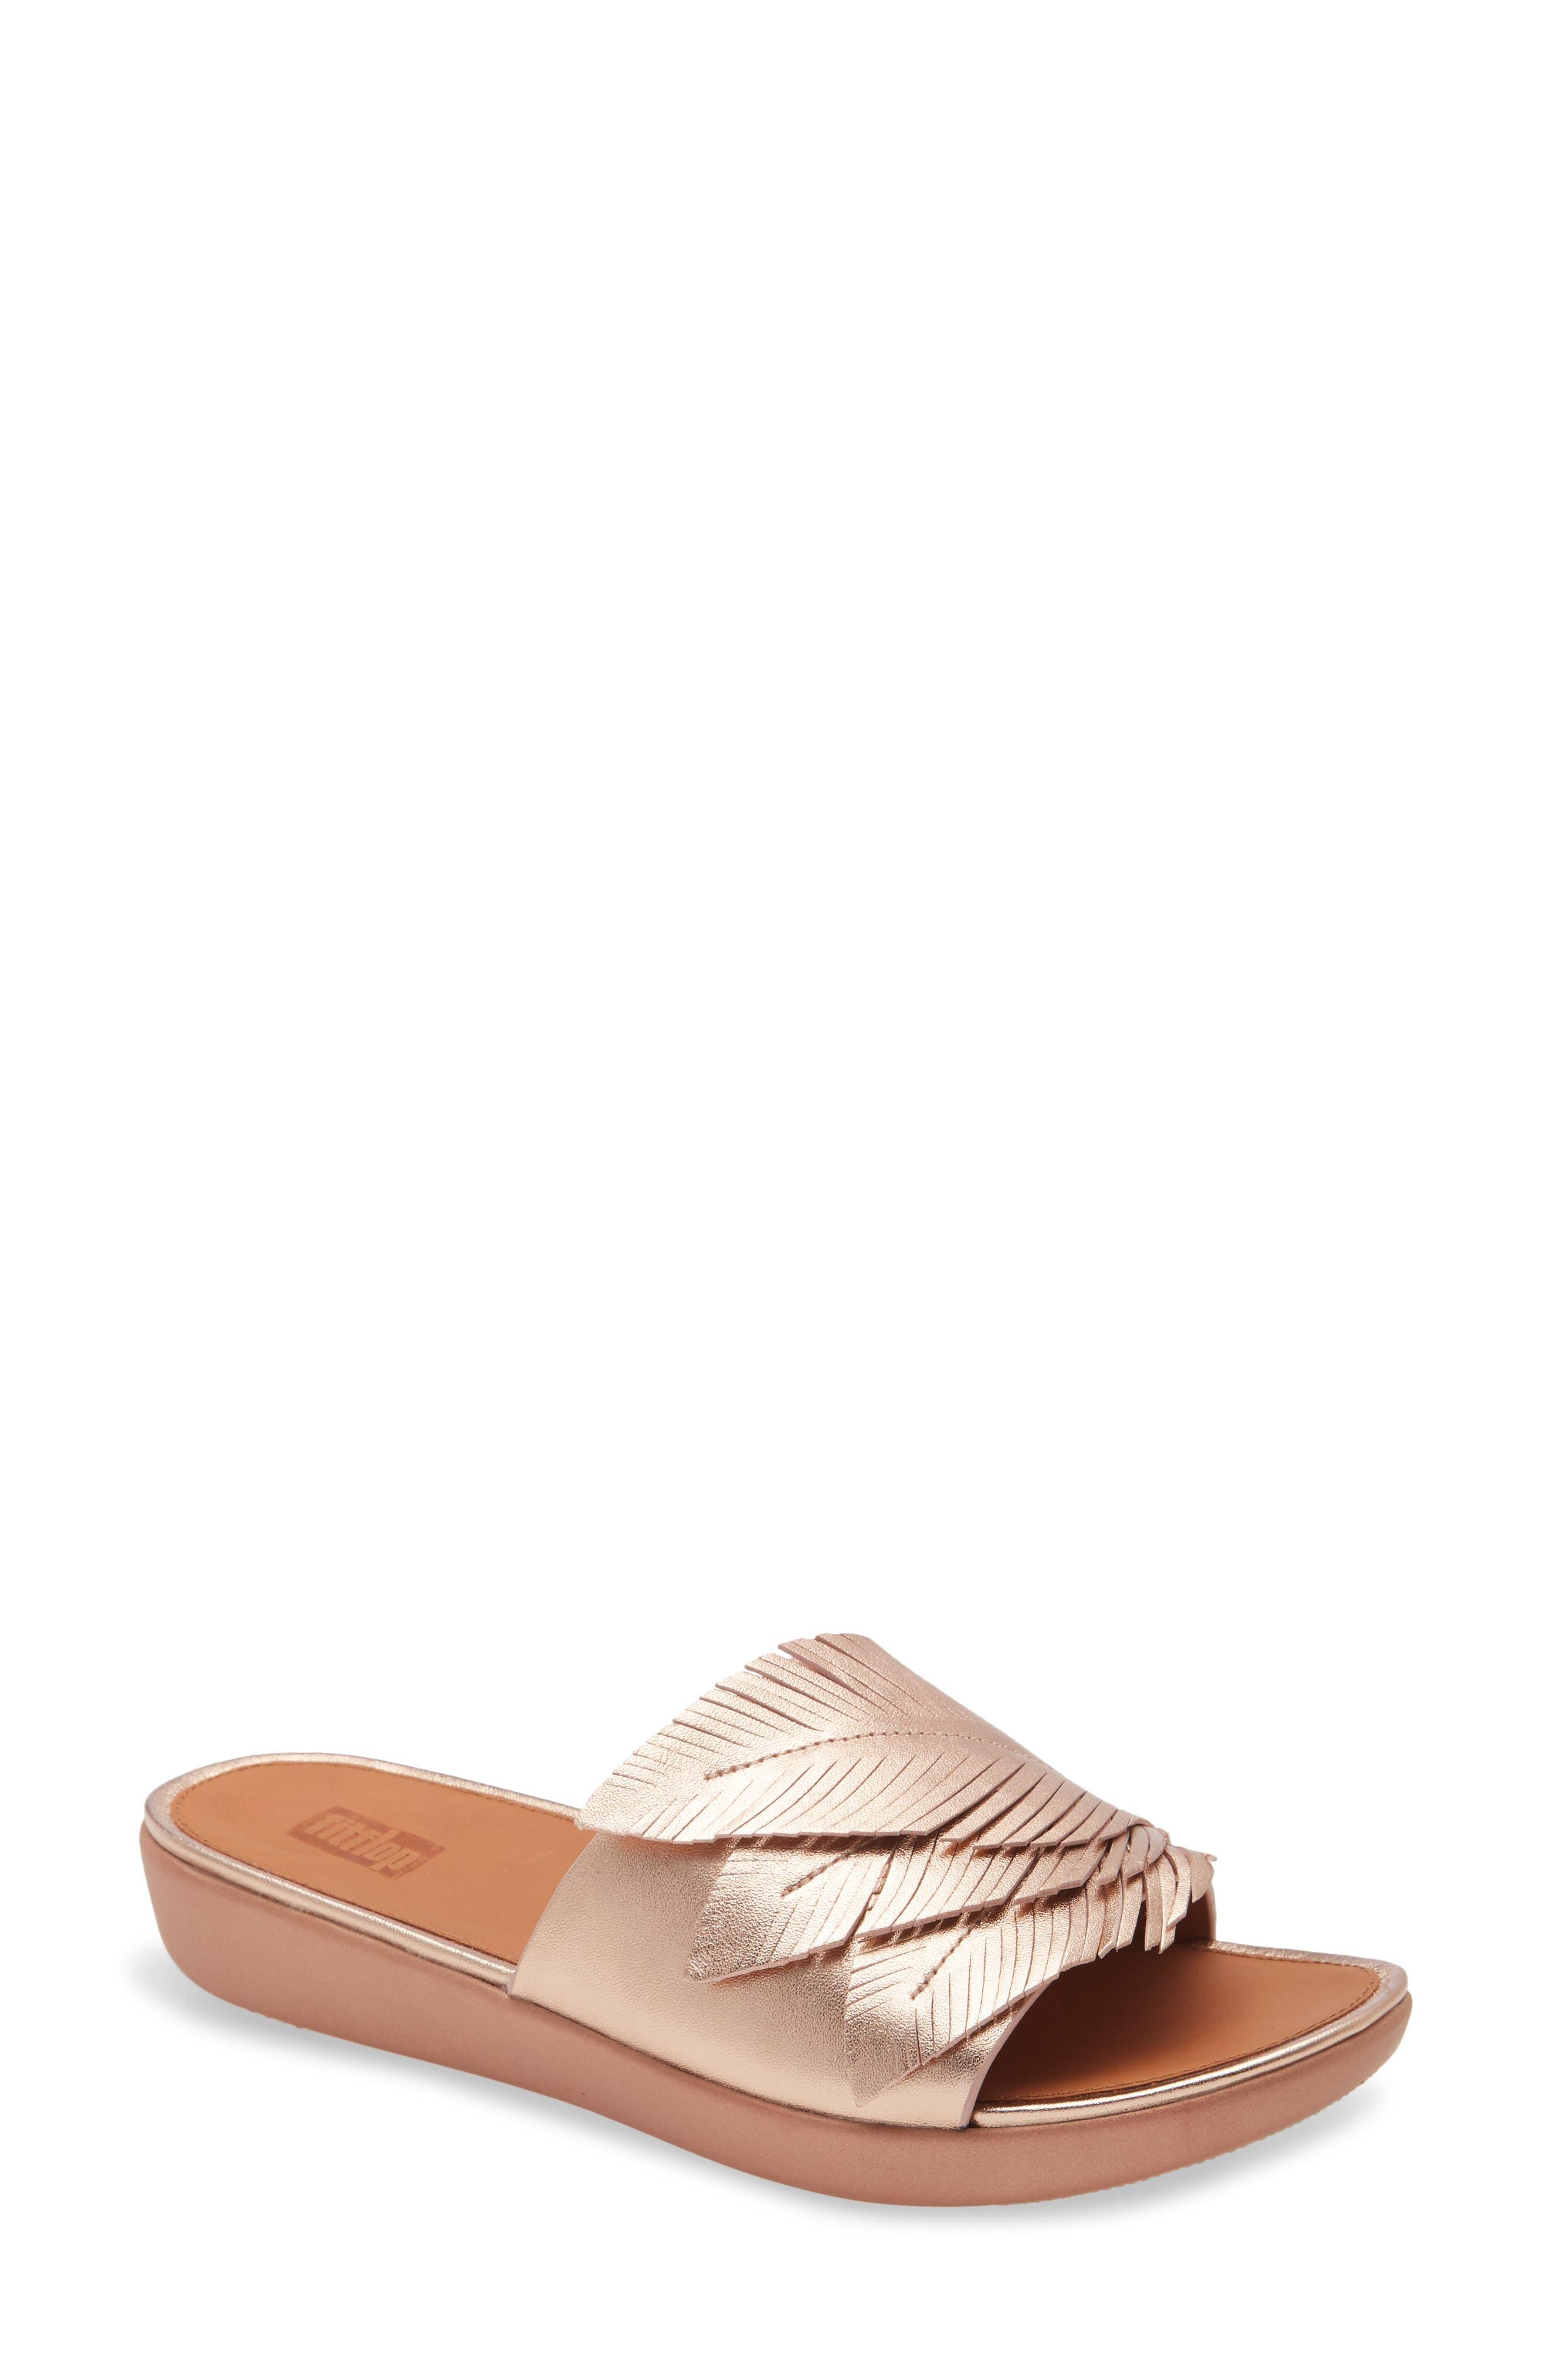 Sola Slide Sandal